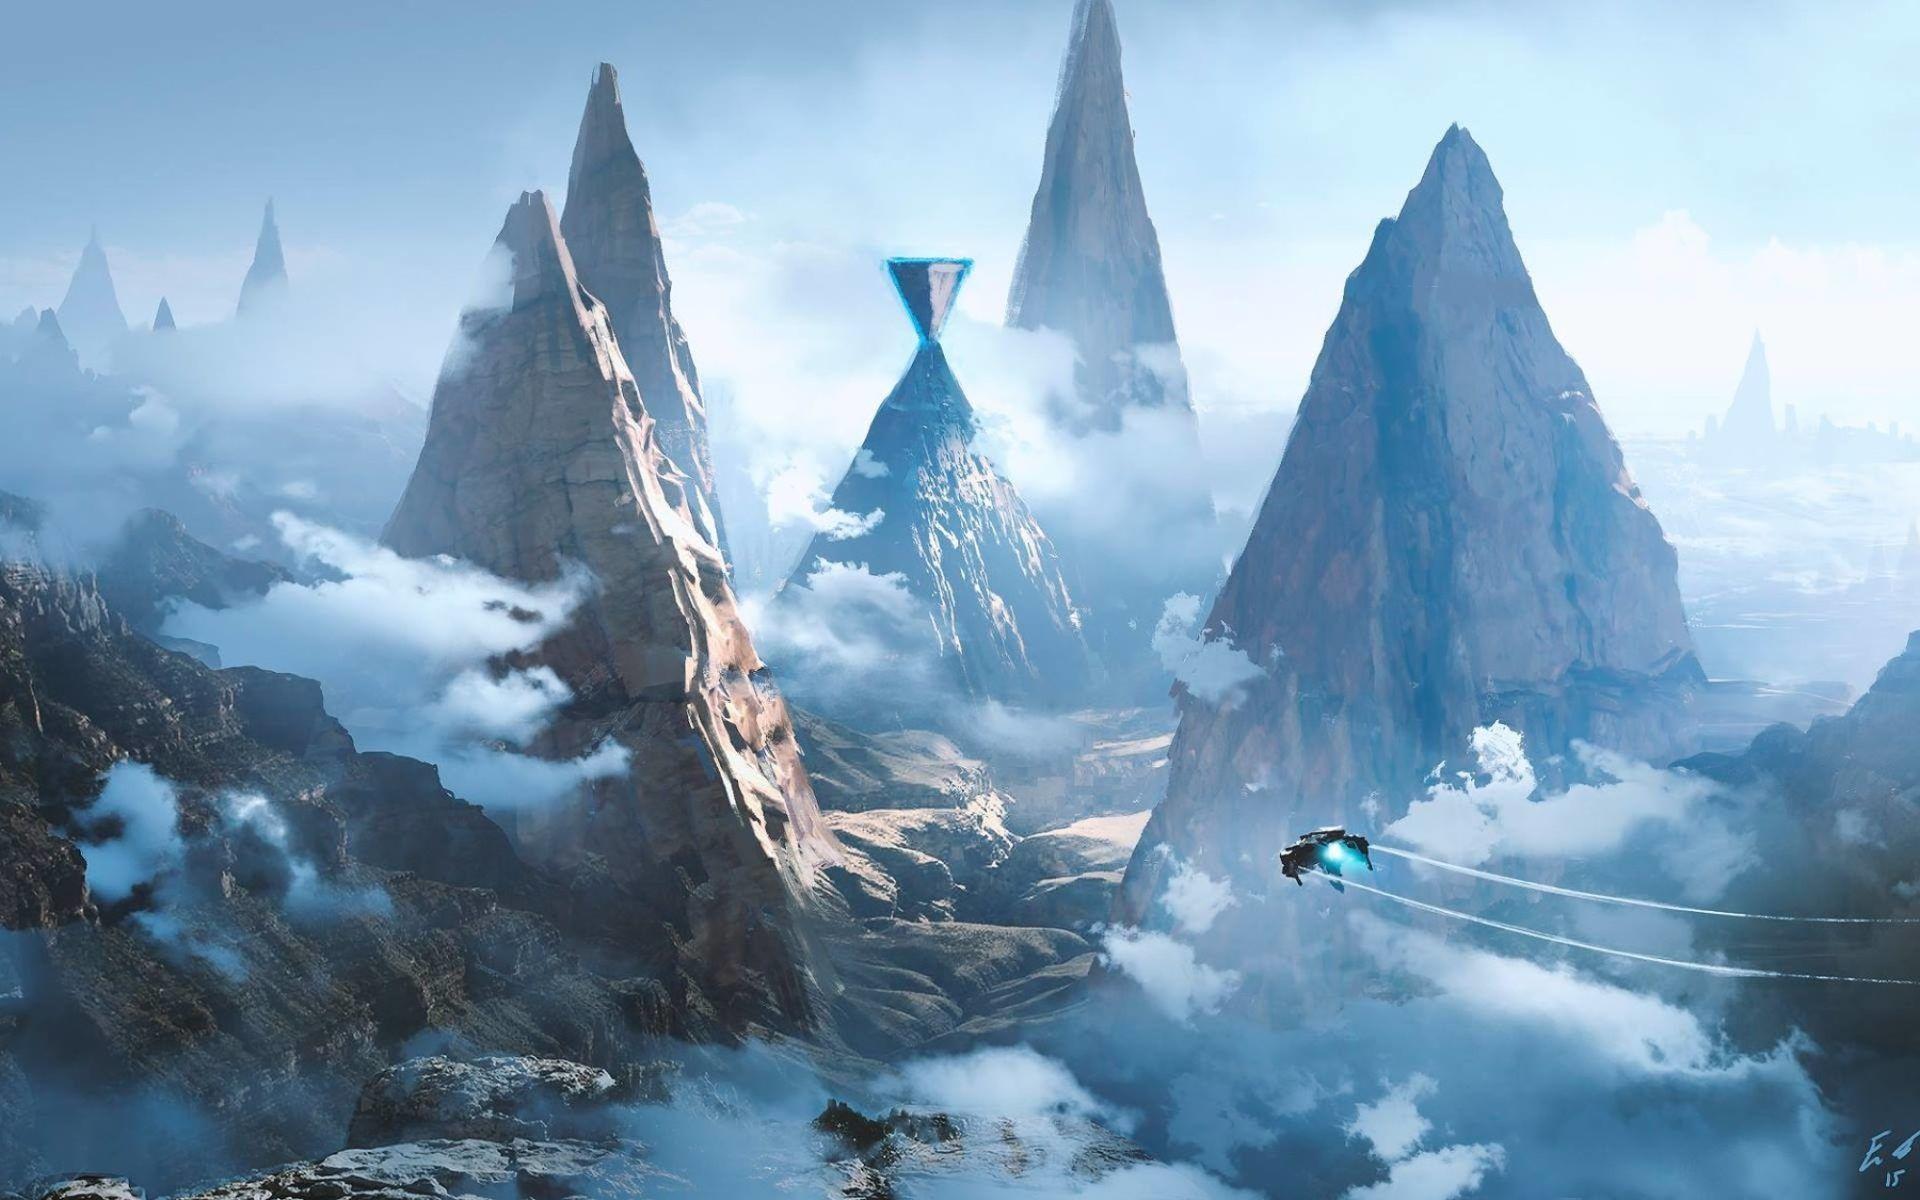 Free Sci Fi Fantasy Desktop Wallpaper: Sci-Fi Landscape Wallpapers